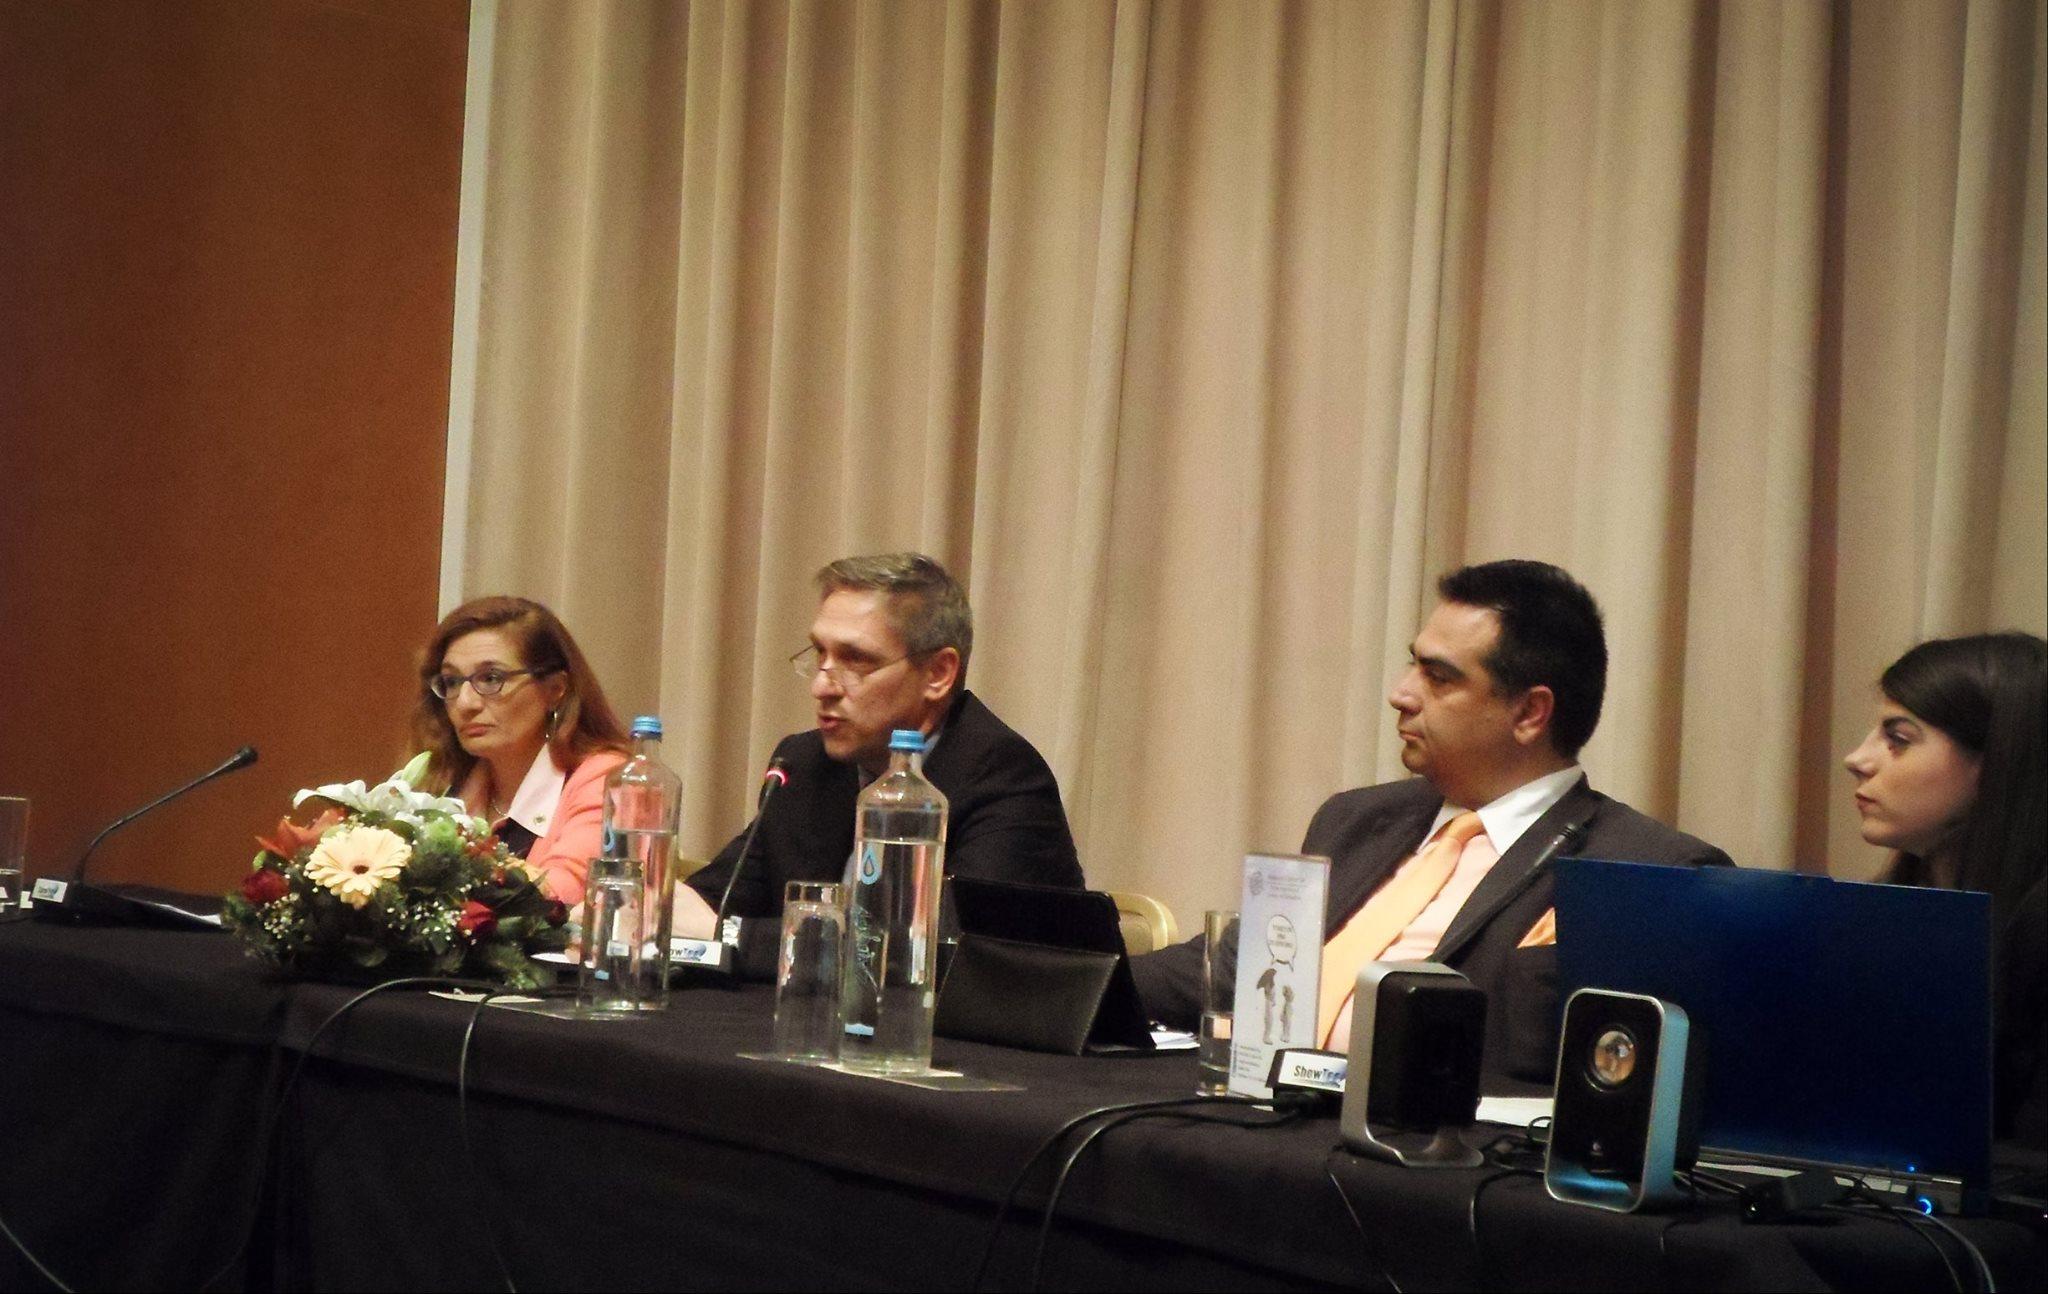 """Το πάνελ των ομιλιτών: η κ. Πάλλη Λίνα, Γενική Γραμματέας του """"Ινστιτούτου Logistics Management Ελλάδος – ILME, ο κ. Αρβανιτάκης Άρης, διευθύνων Σύμβουλος του ''Phoenix Register S.A.' και ο κ. Χουλιαράς Θεόδωρος , πρόεδρος του """"Ινστιτούτου Ναυτιλιακών και Οικονομικών Μελετών – IMES CLUB"""""""